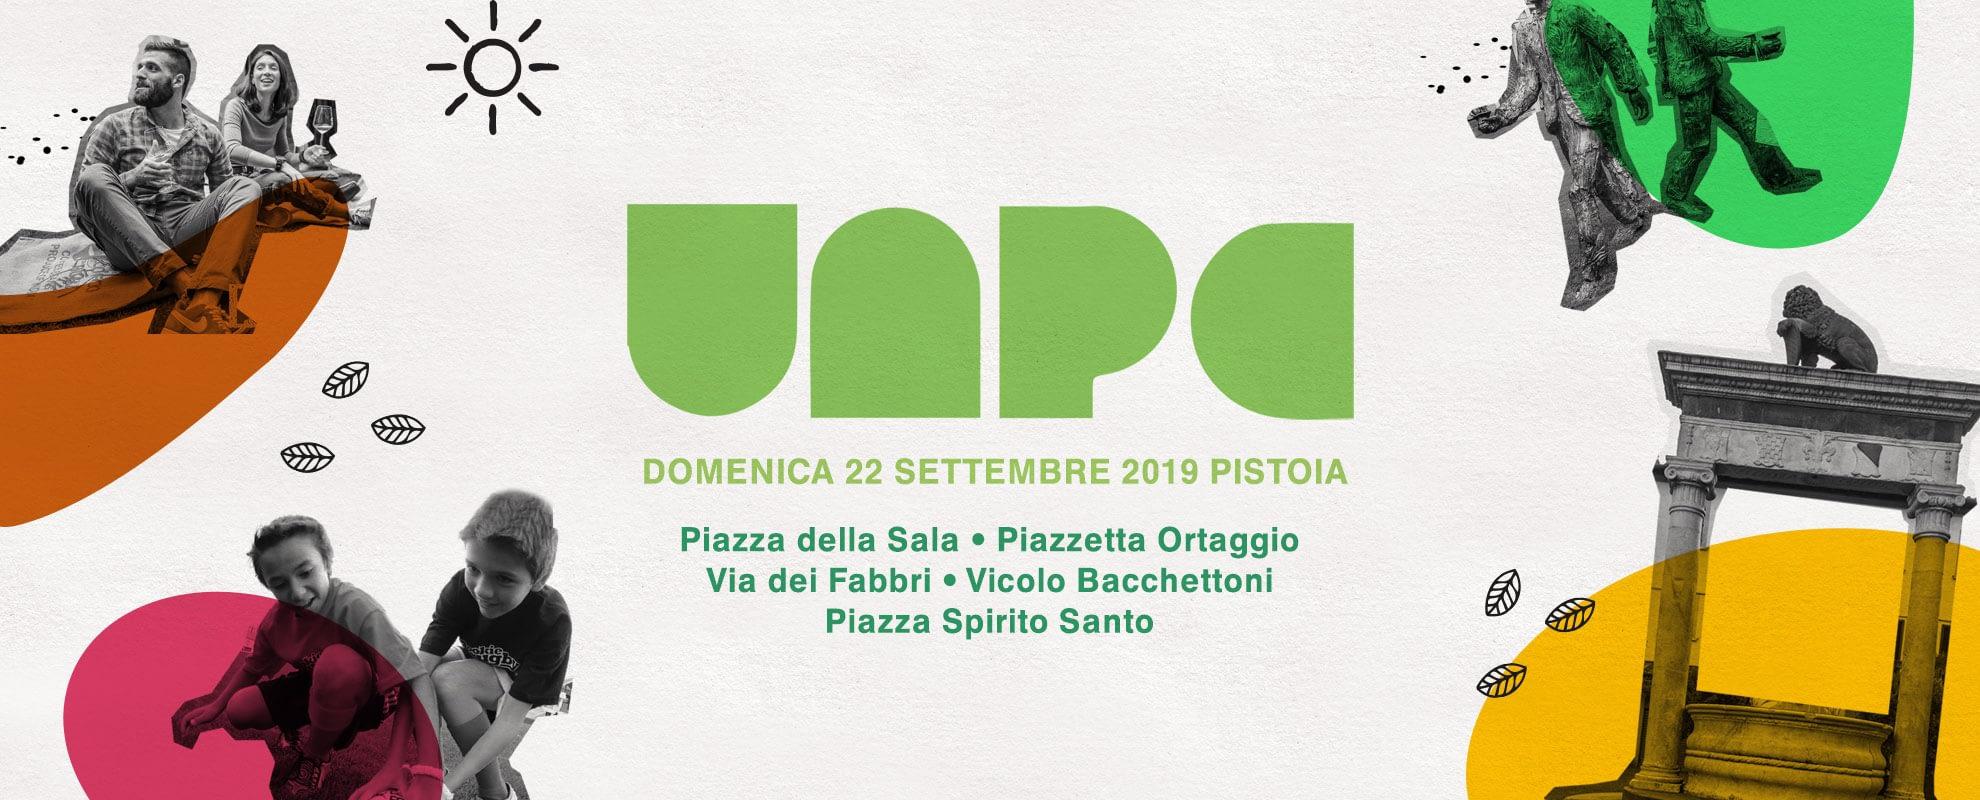 UAPC - un altro parco in città